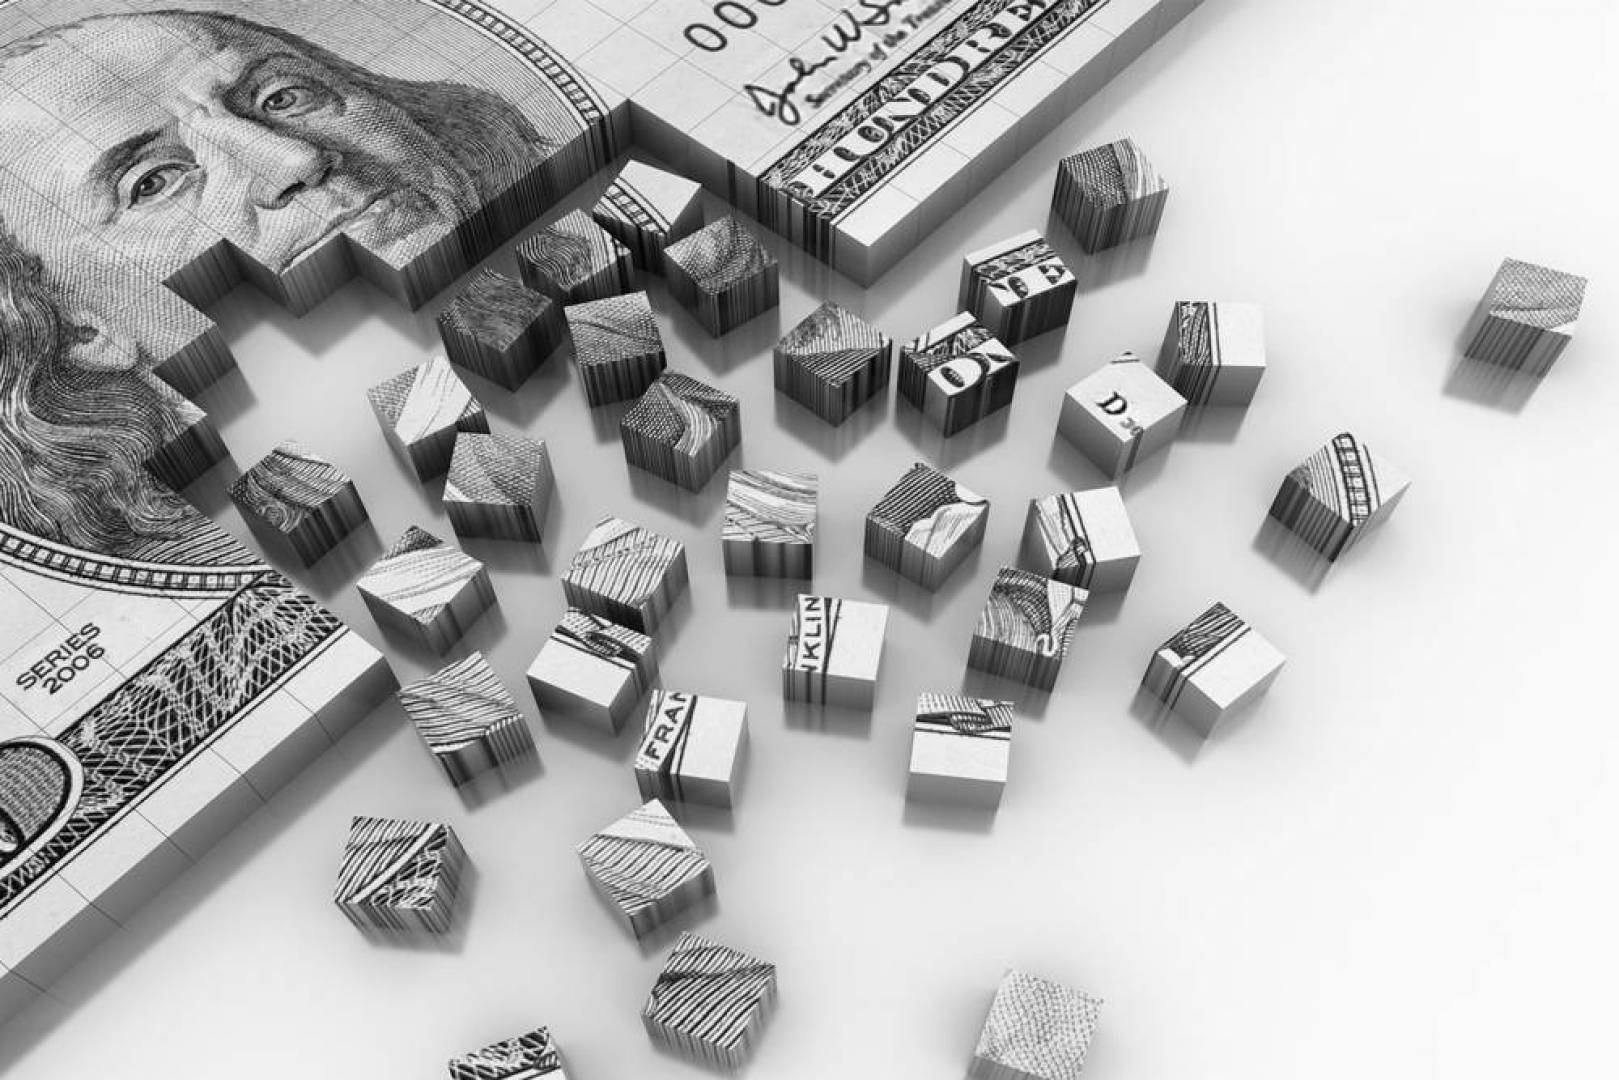 ضريبة الثروة.. هل تعالج كل المشاكل الاقتصادية الأميركية؟